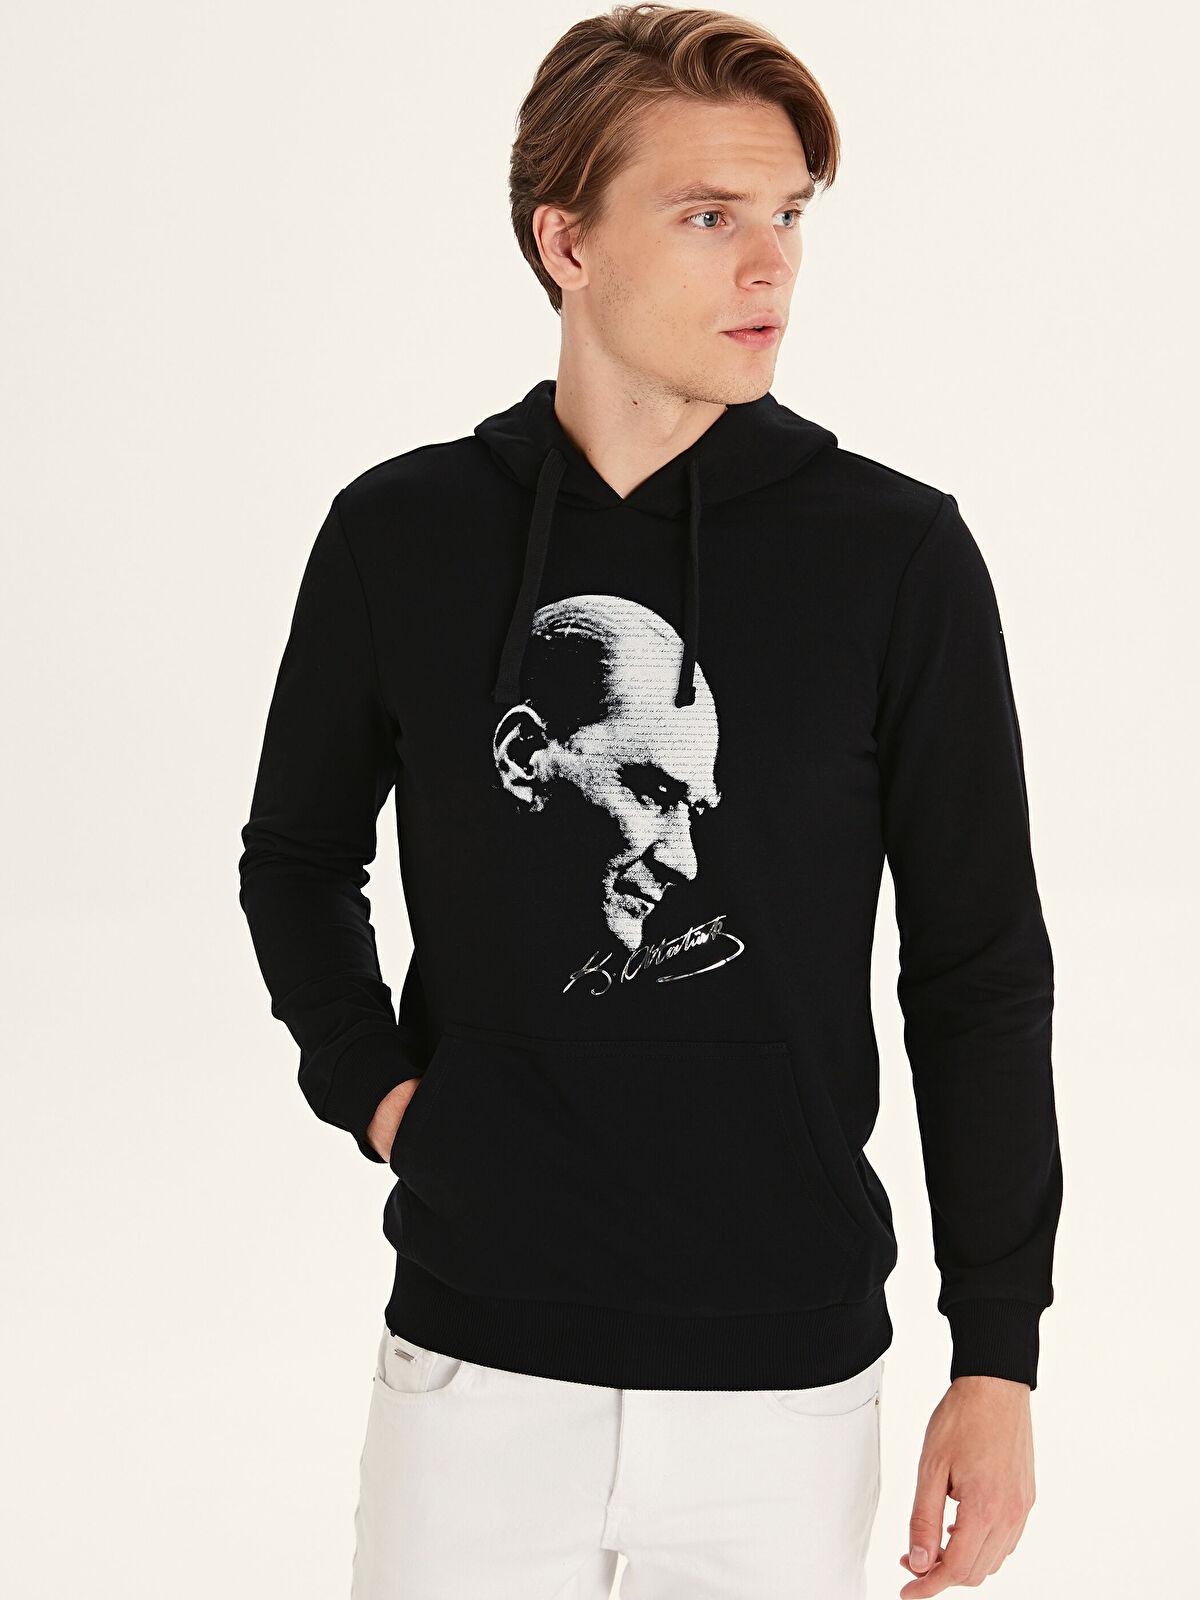 Atatürk Baskılı Kapüşonlu Sweatshirt - LC WAIKIKI